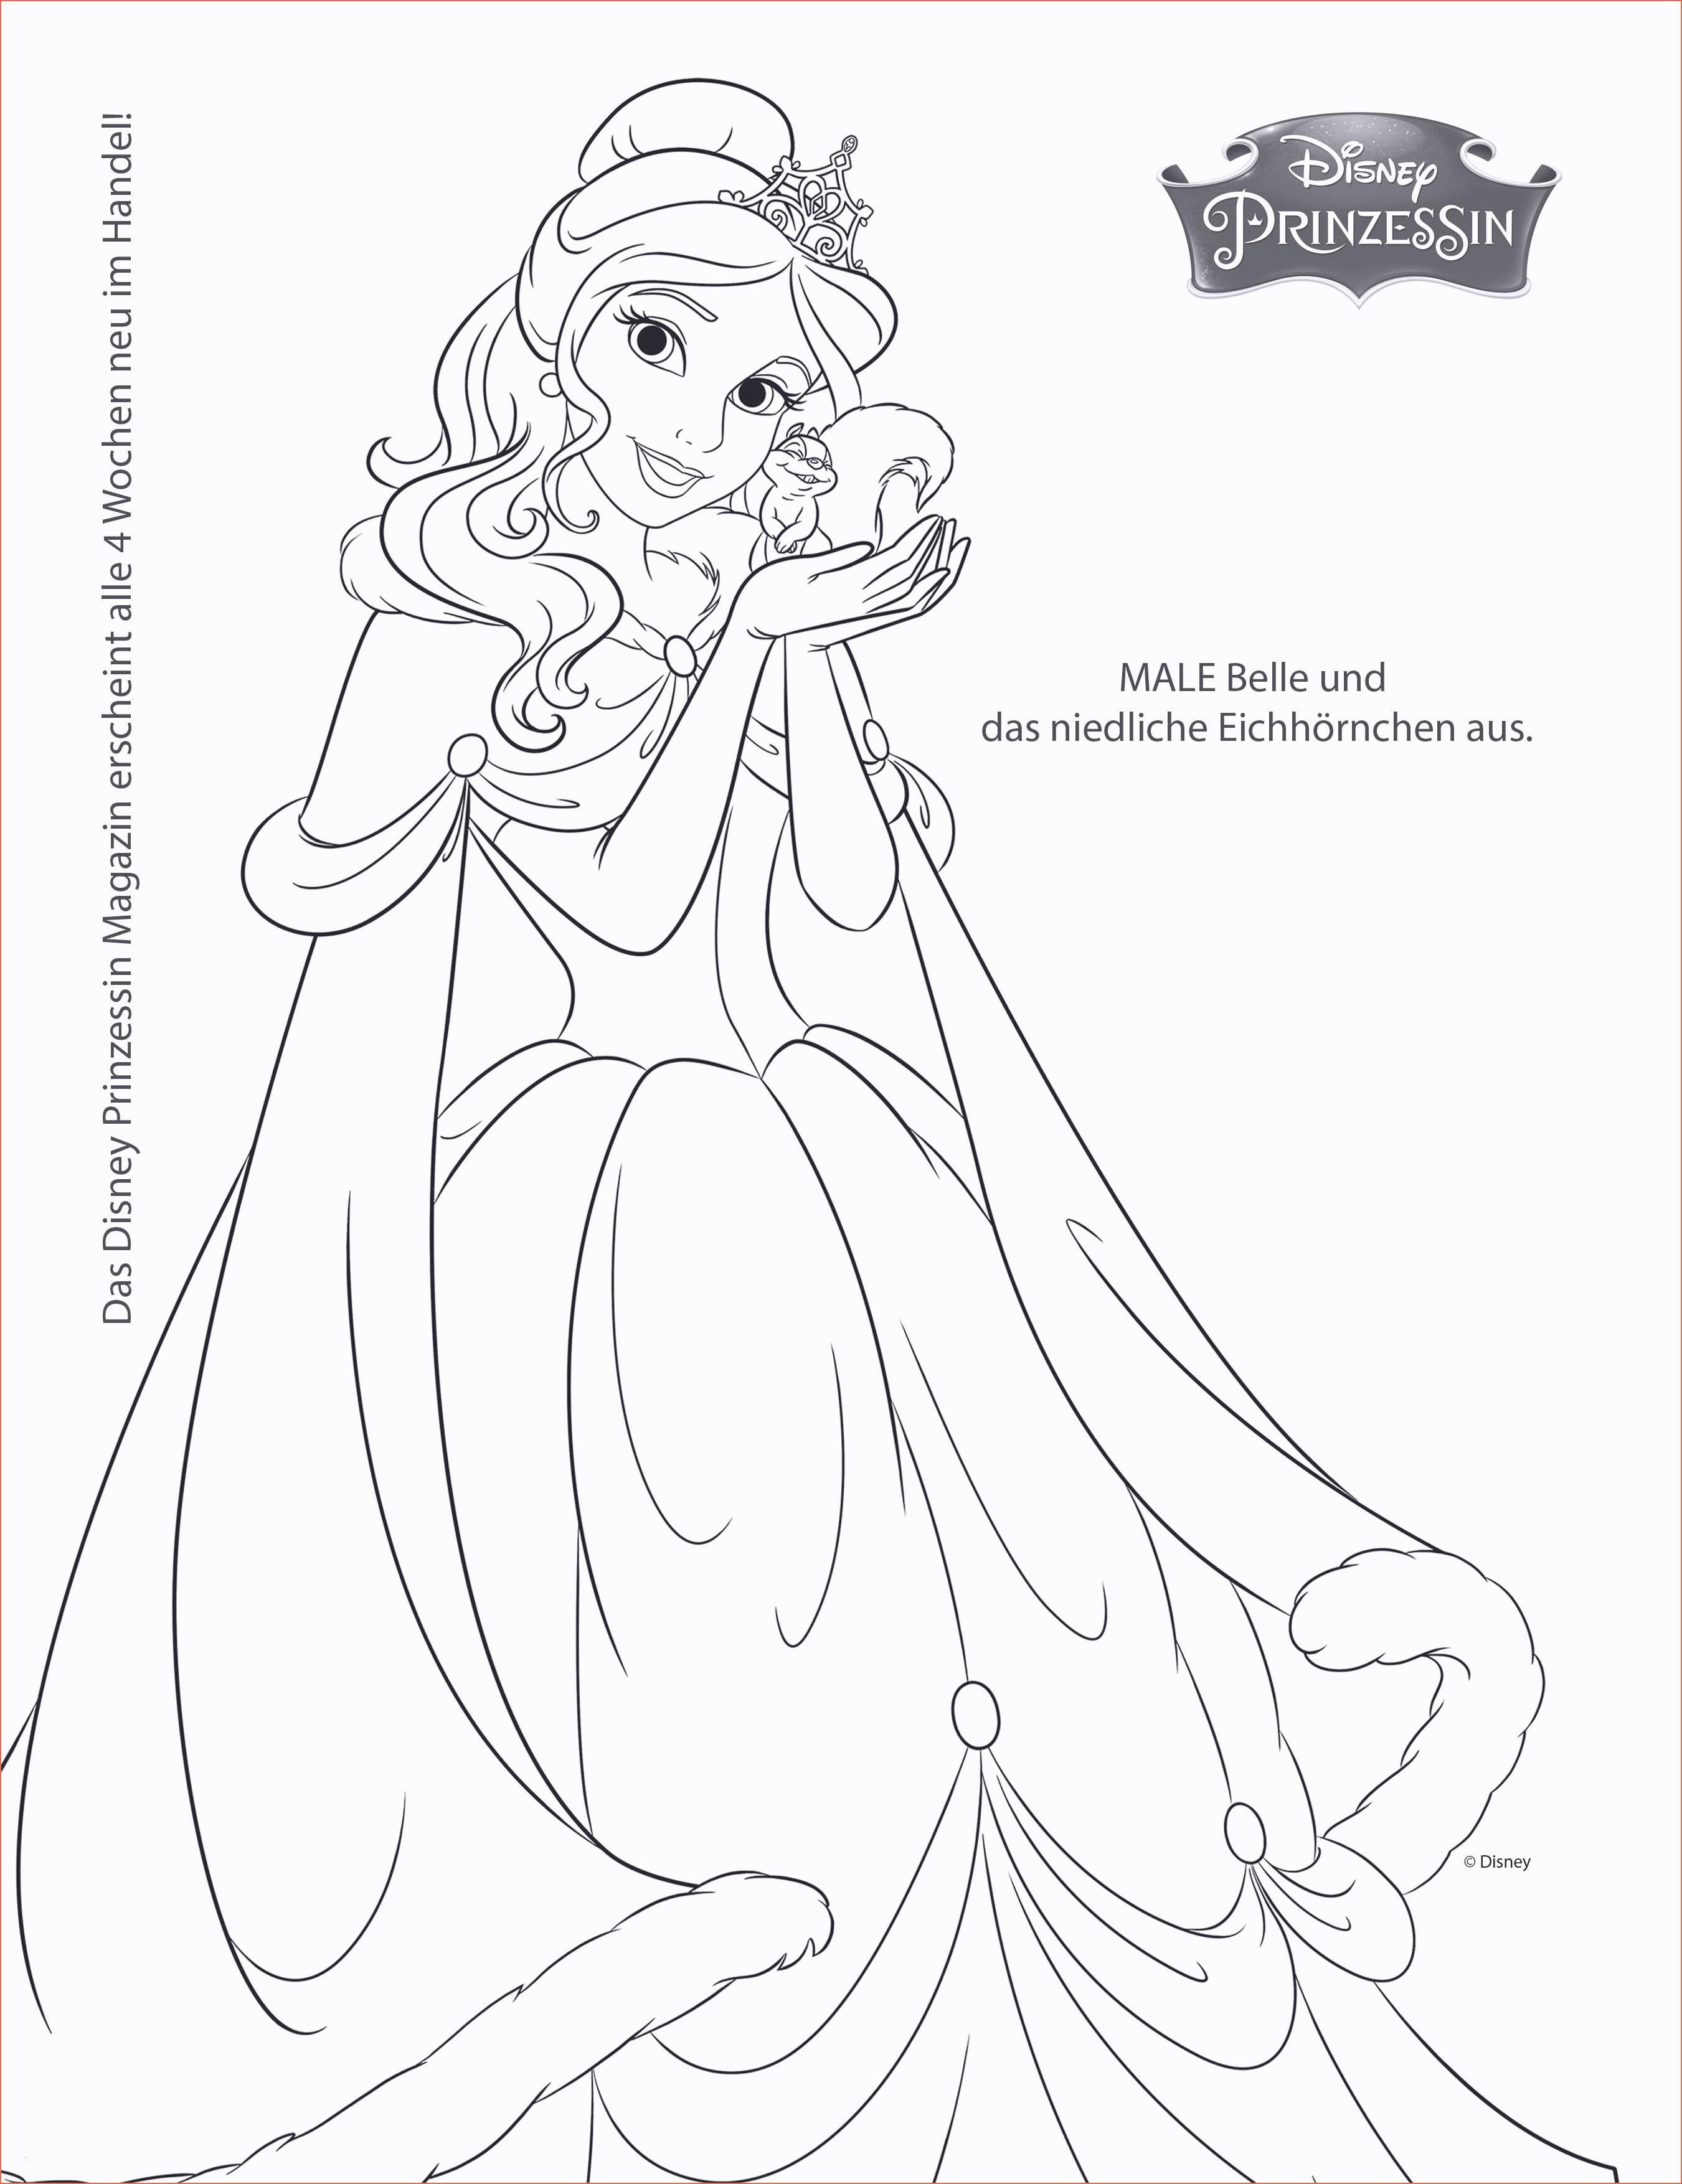 Ausmalbilder Prinzessin Disney Prinzessinnen Genial 101 Disney Prinzessinnen Zum Ausmalen Dddy Fotos